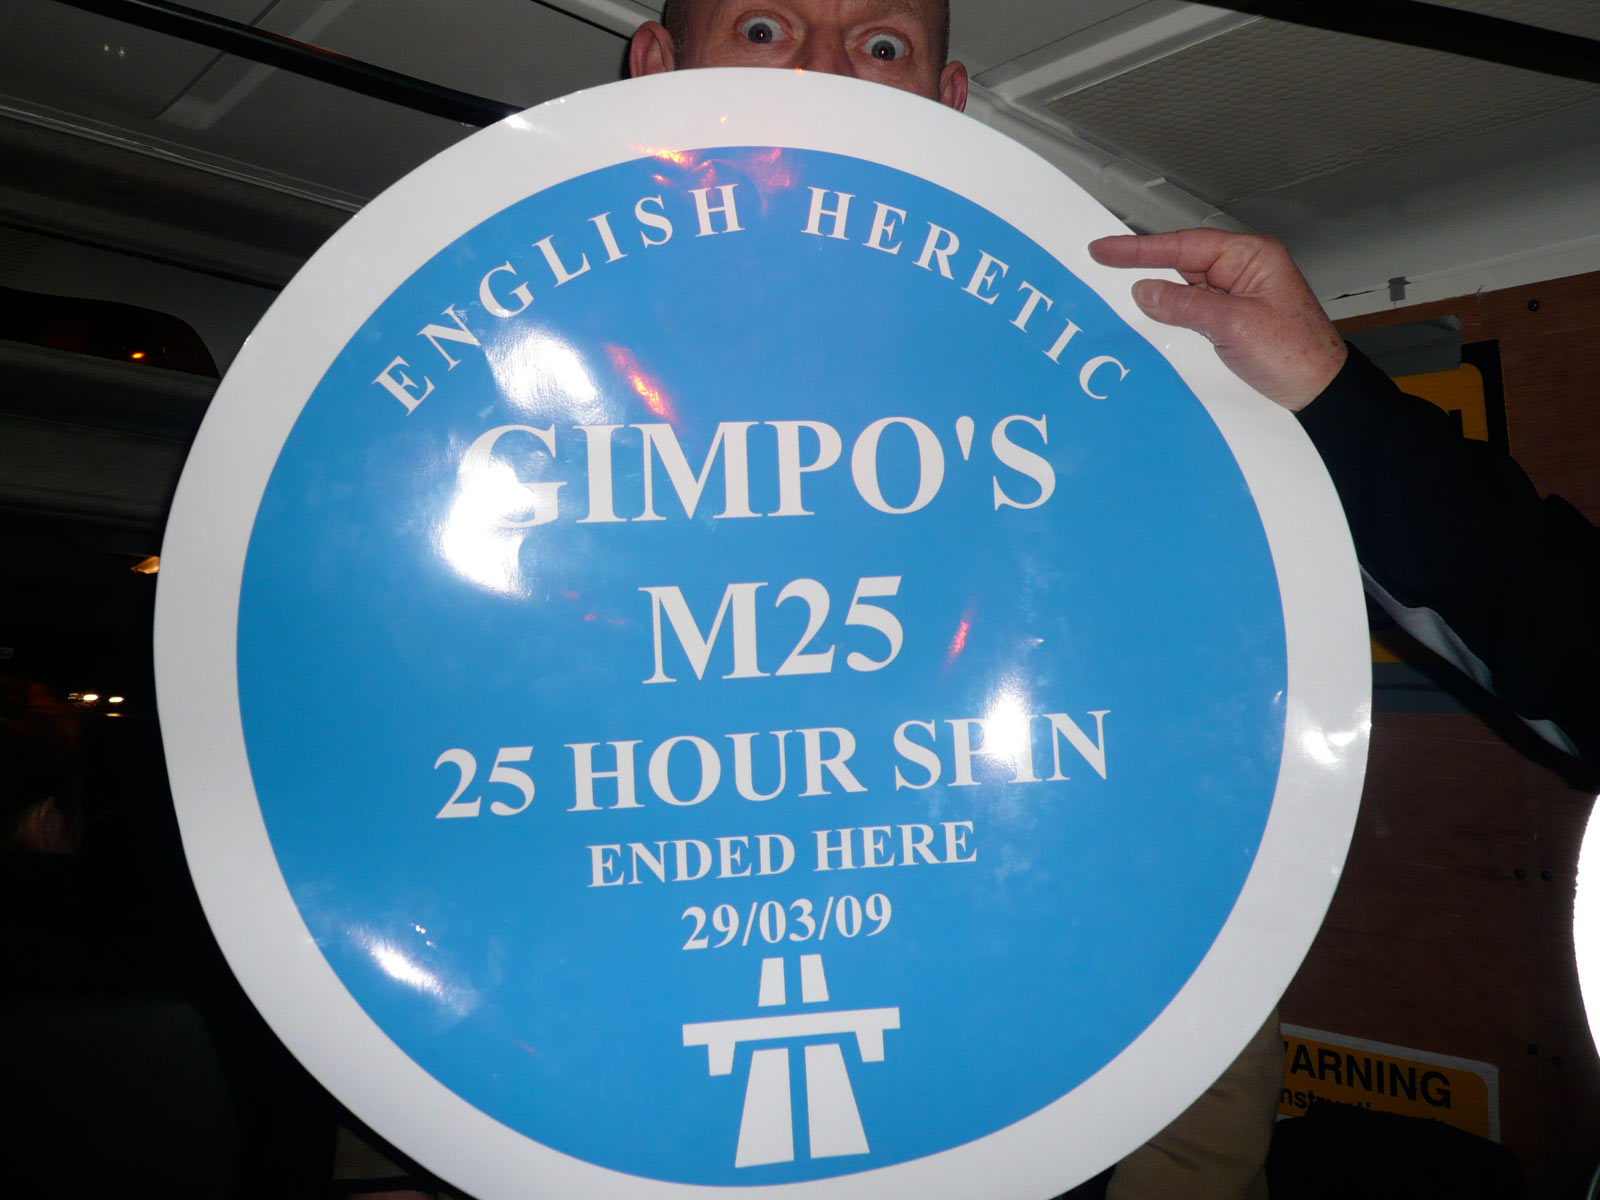 See Gimpo's M25 Spin Documentary at Portobello Film Festival